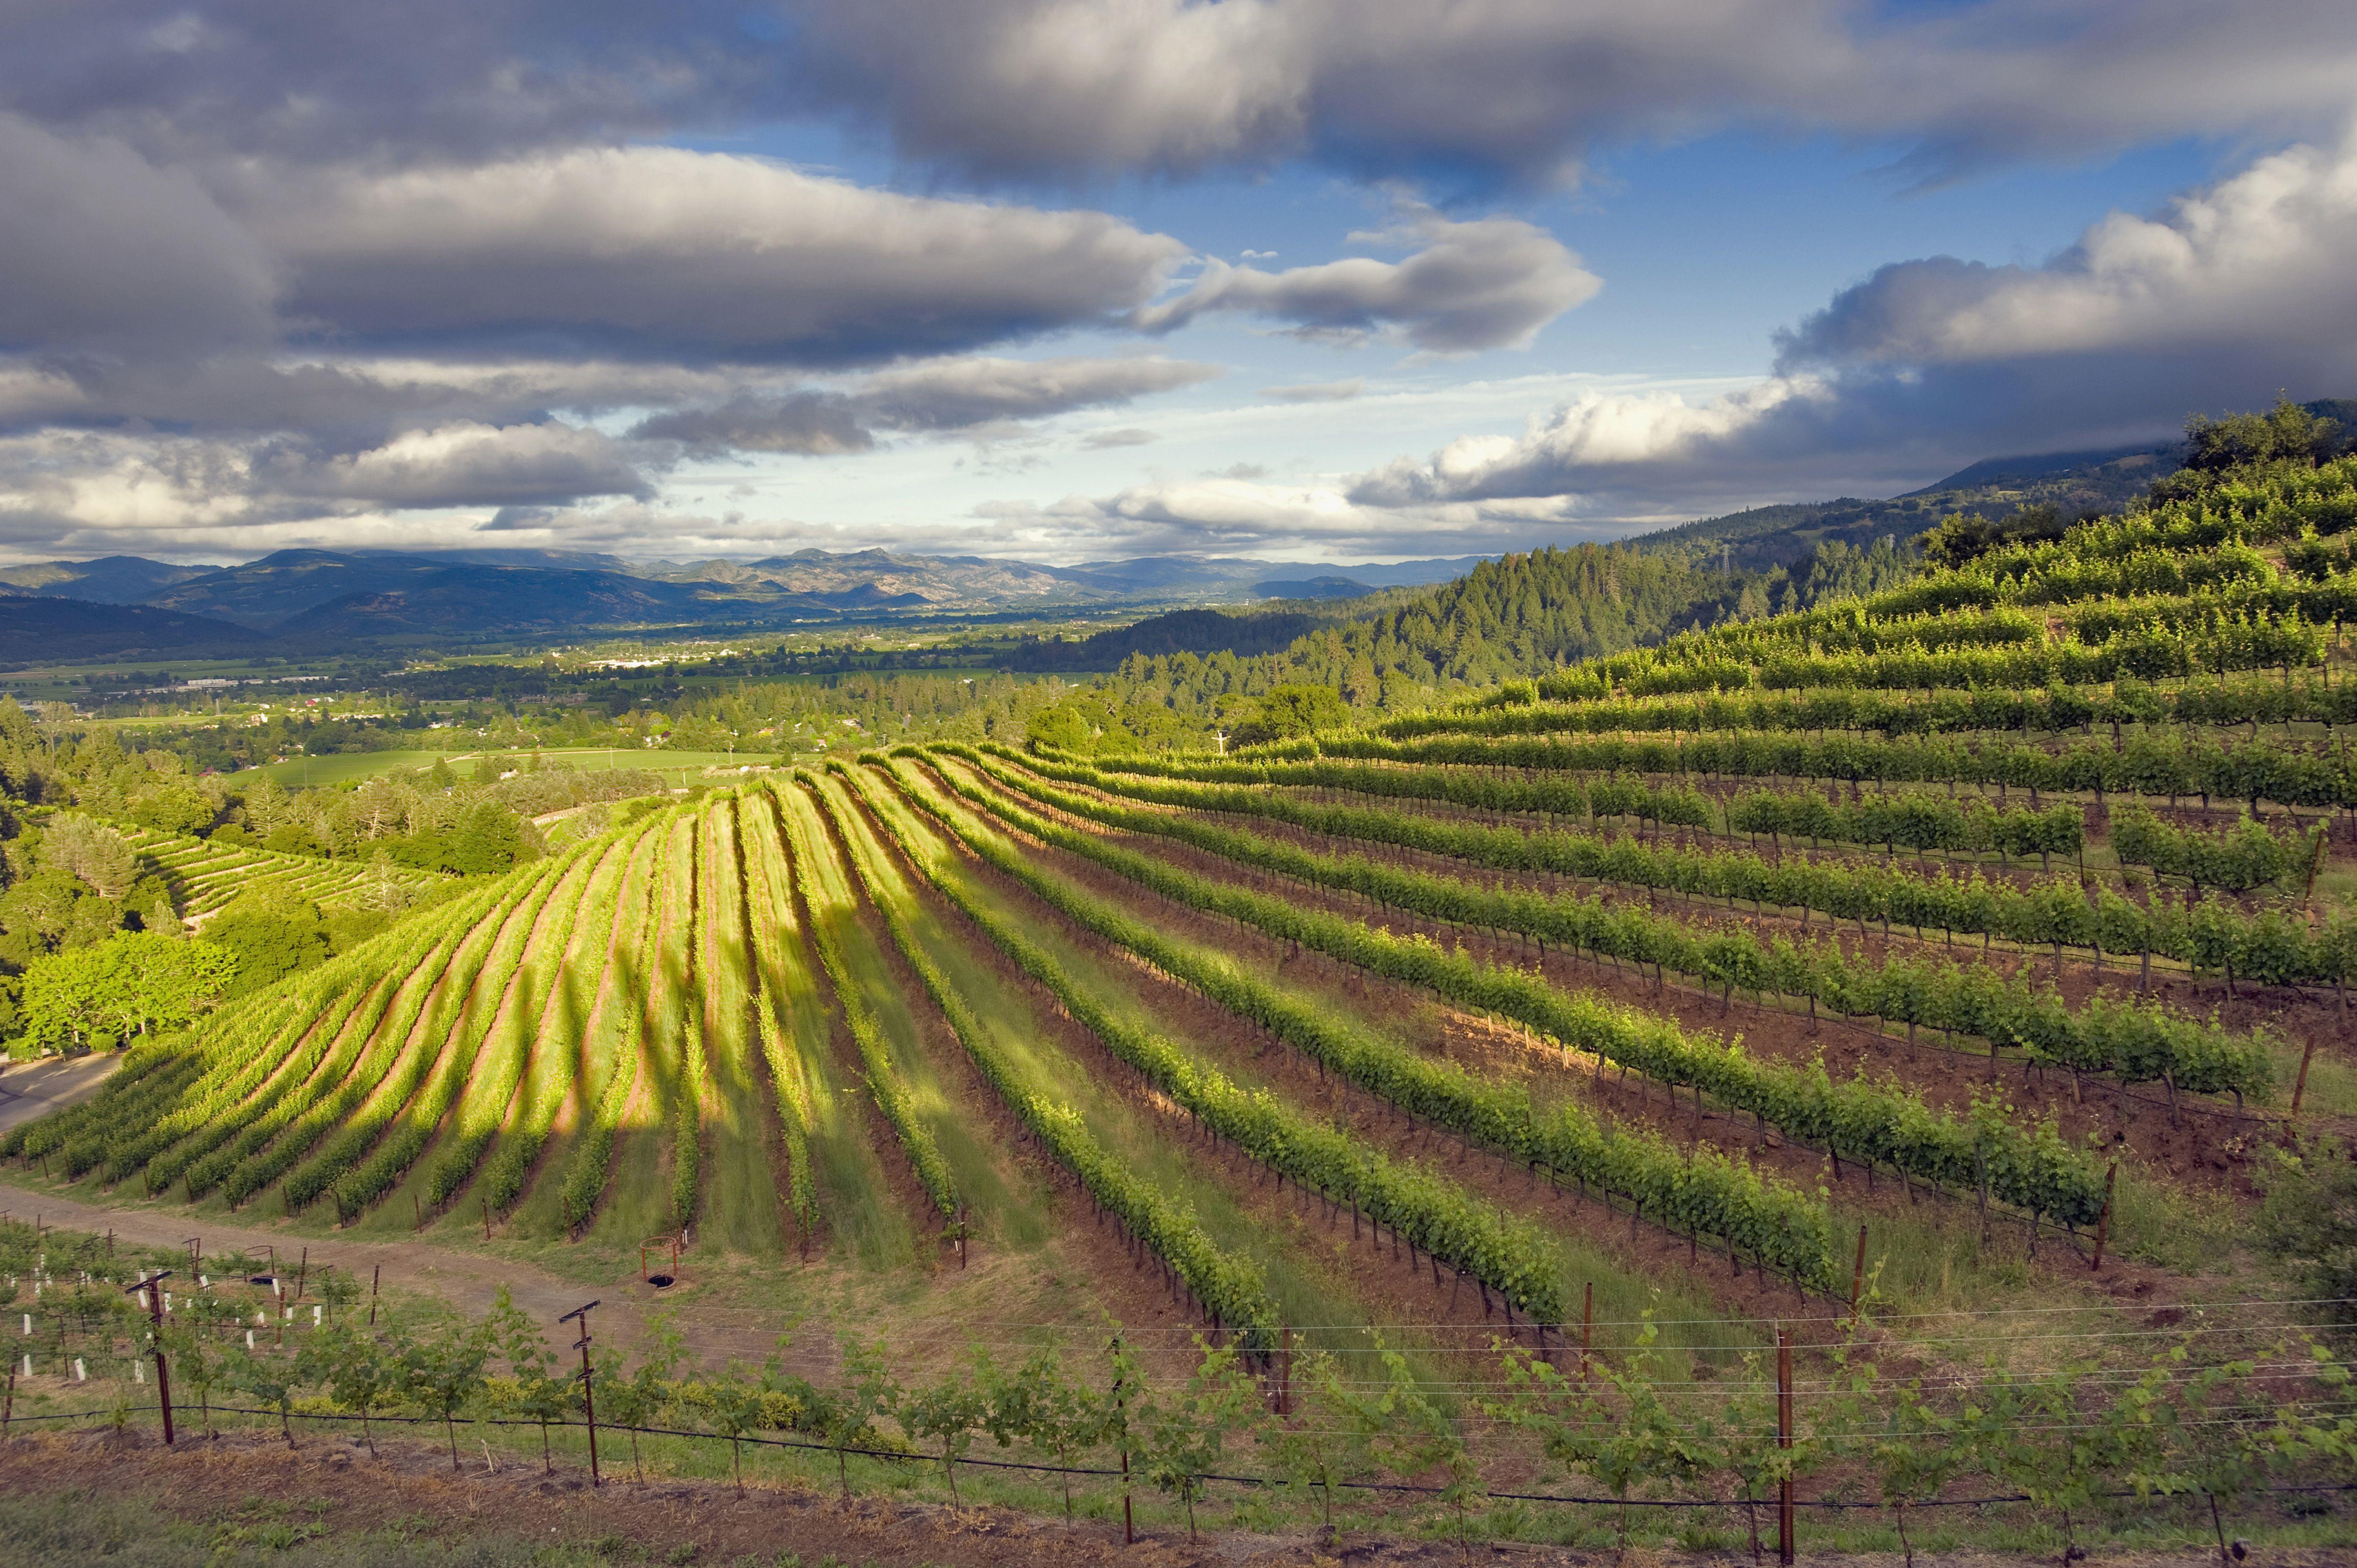 Viñedo. Valle de Napa. Condado de Napa, California, EE. UU.